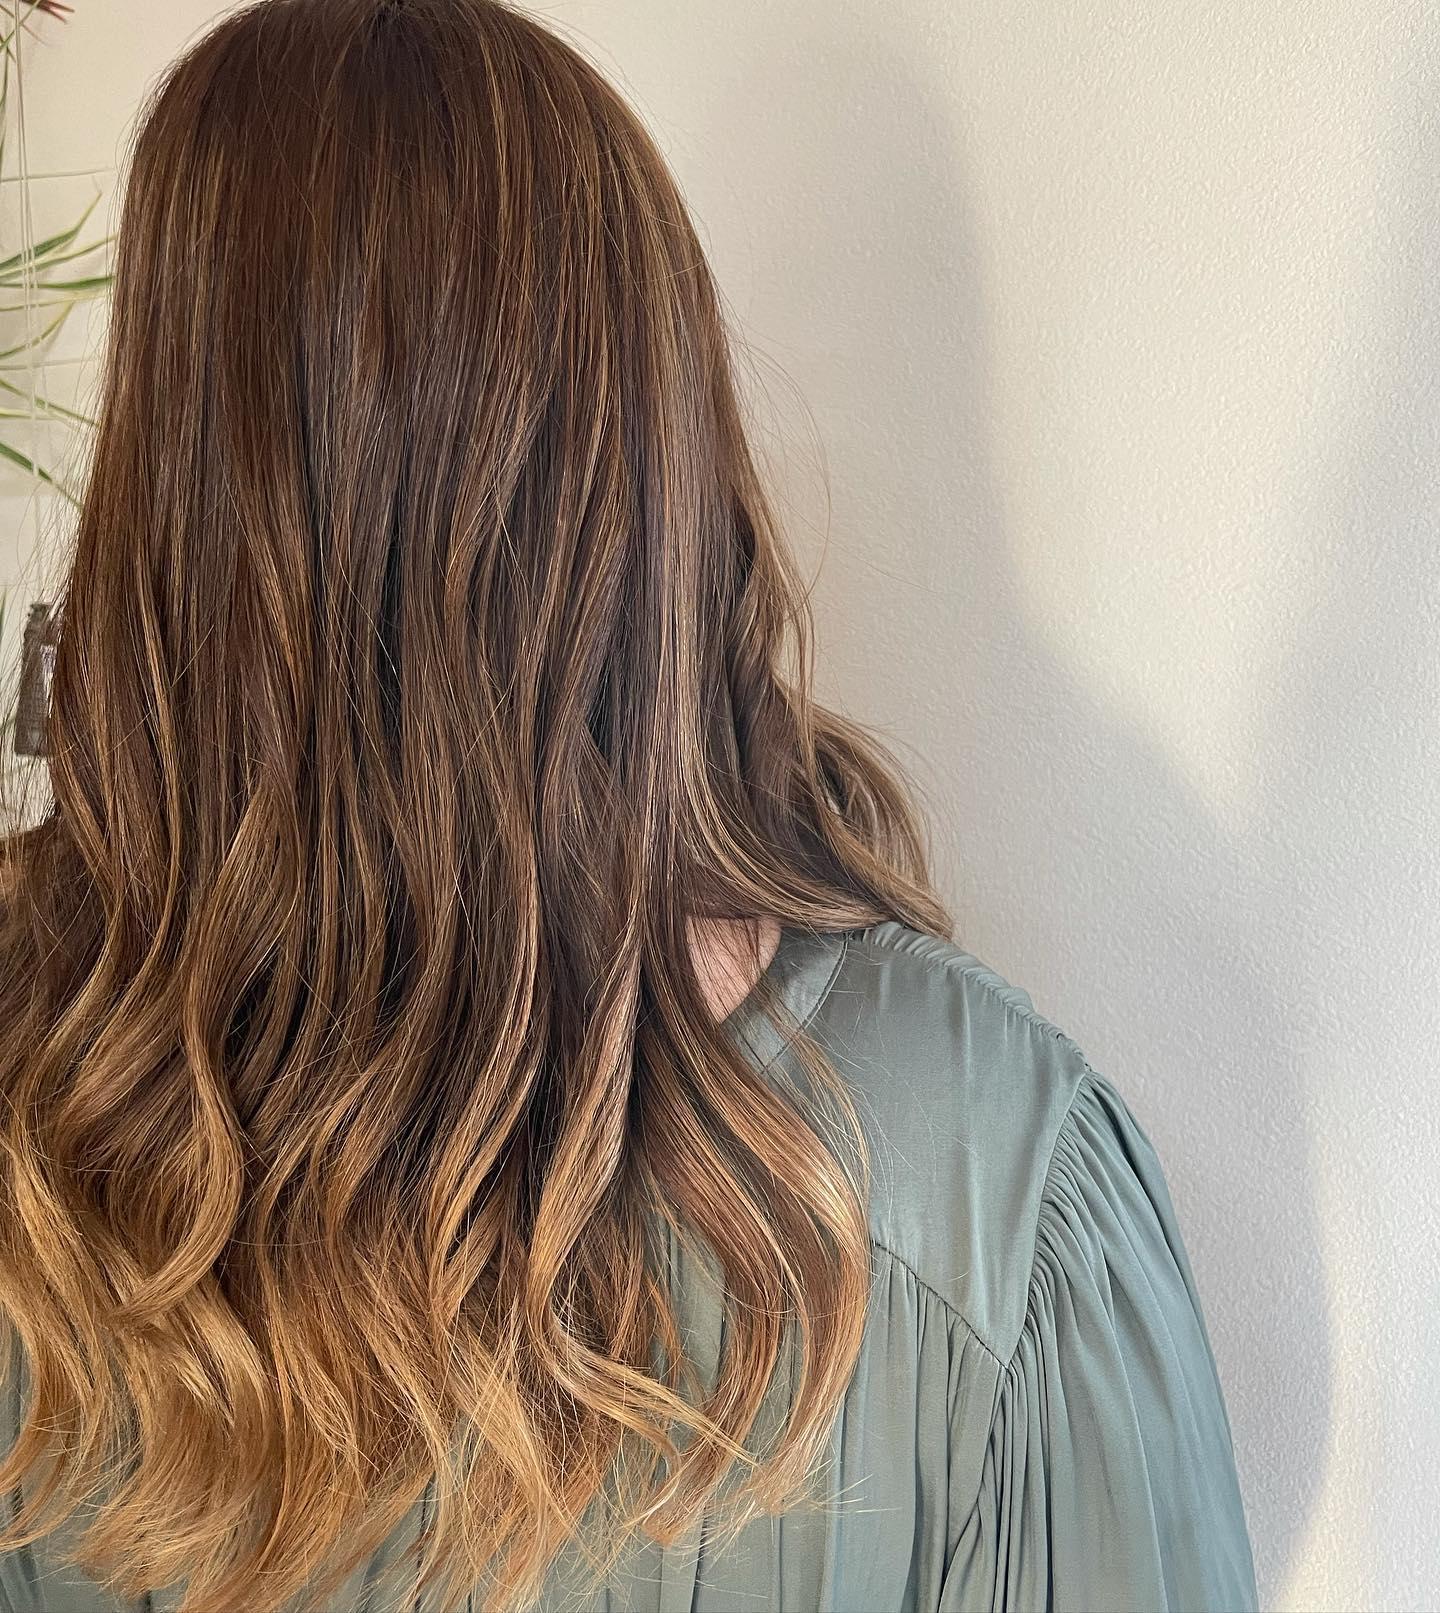 前回のグラデーションをそのまま生かしてまだまだ明るい感じでいきましょー♪♪#totti #hair #color #perm #cut #hairstyle #haircolor #hairarrange #stylist #care #carelist #aujua #イルミナカラー #headspa #treatment #美容院